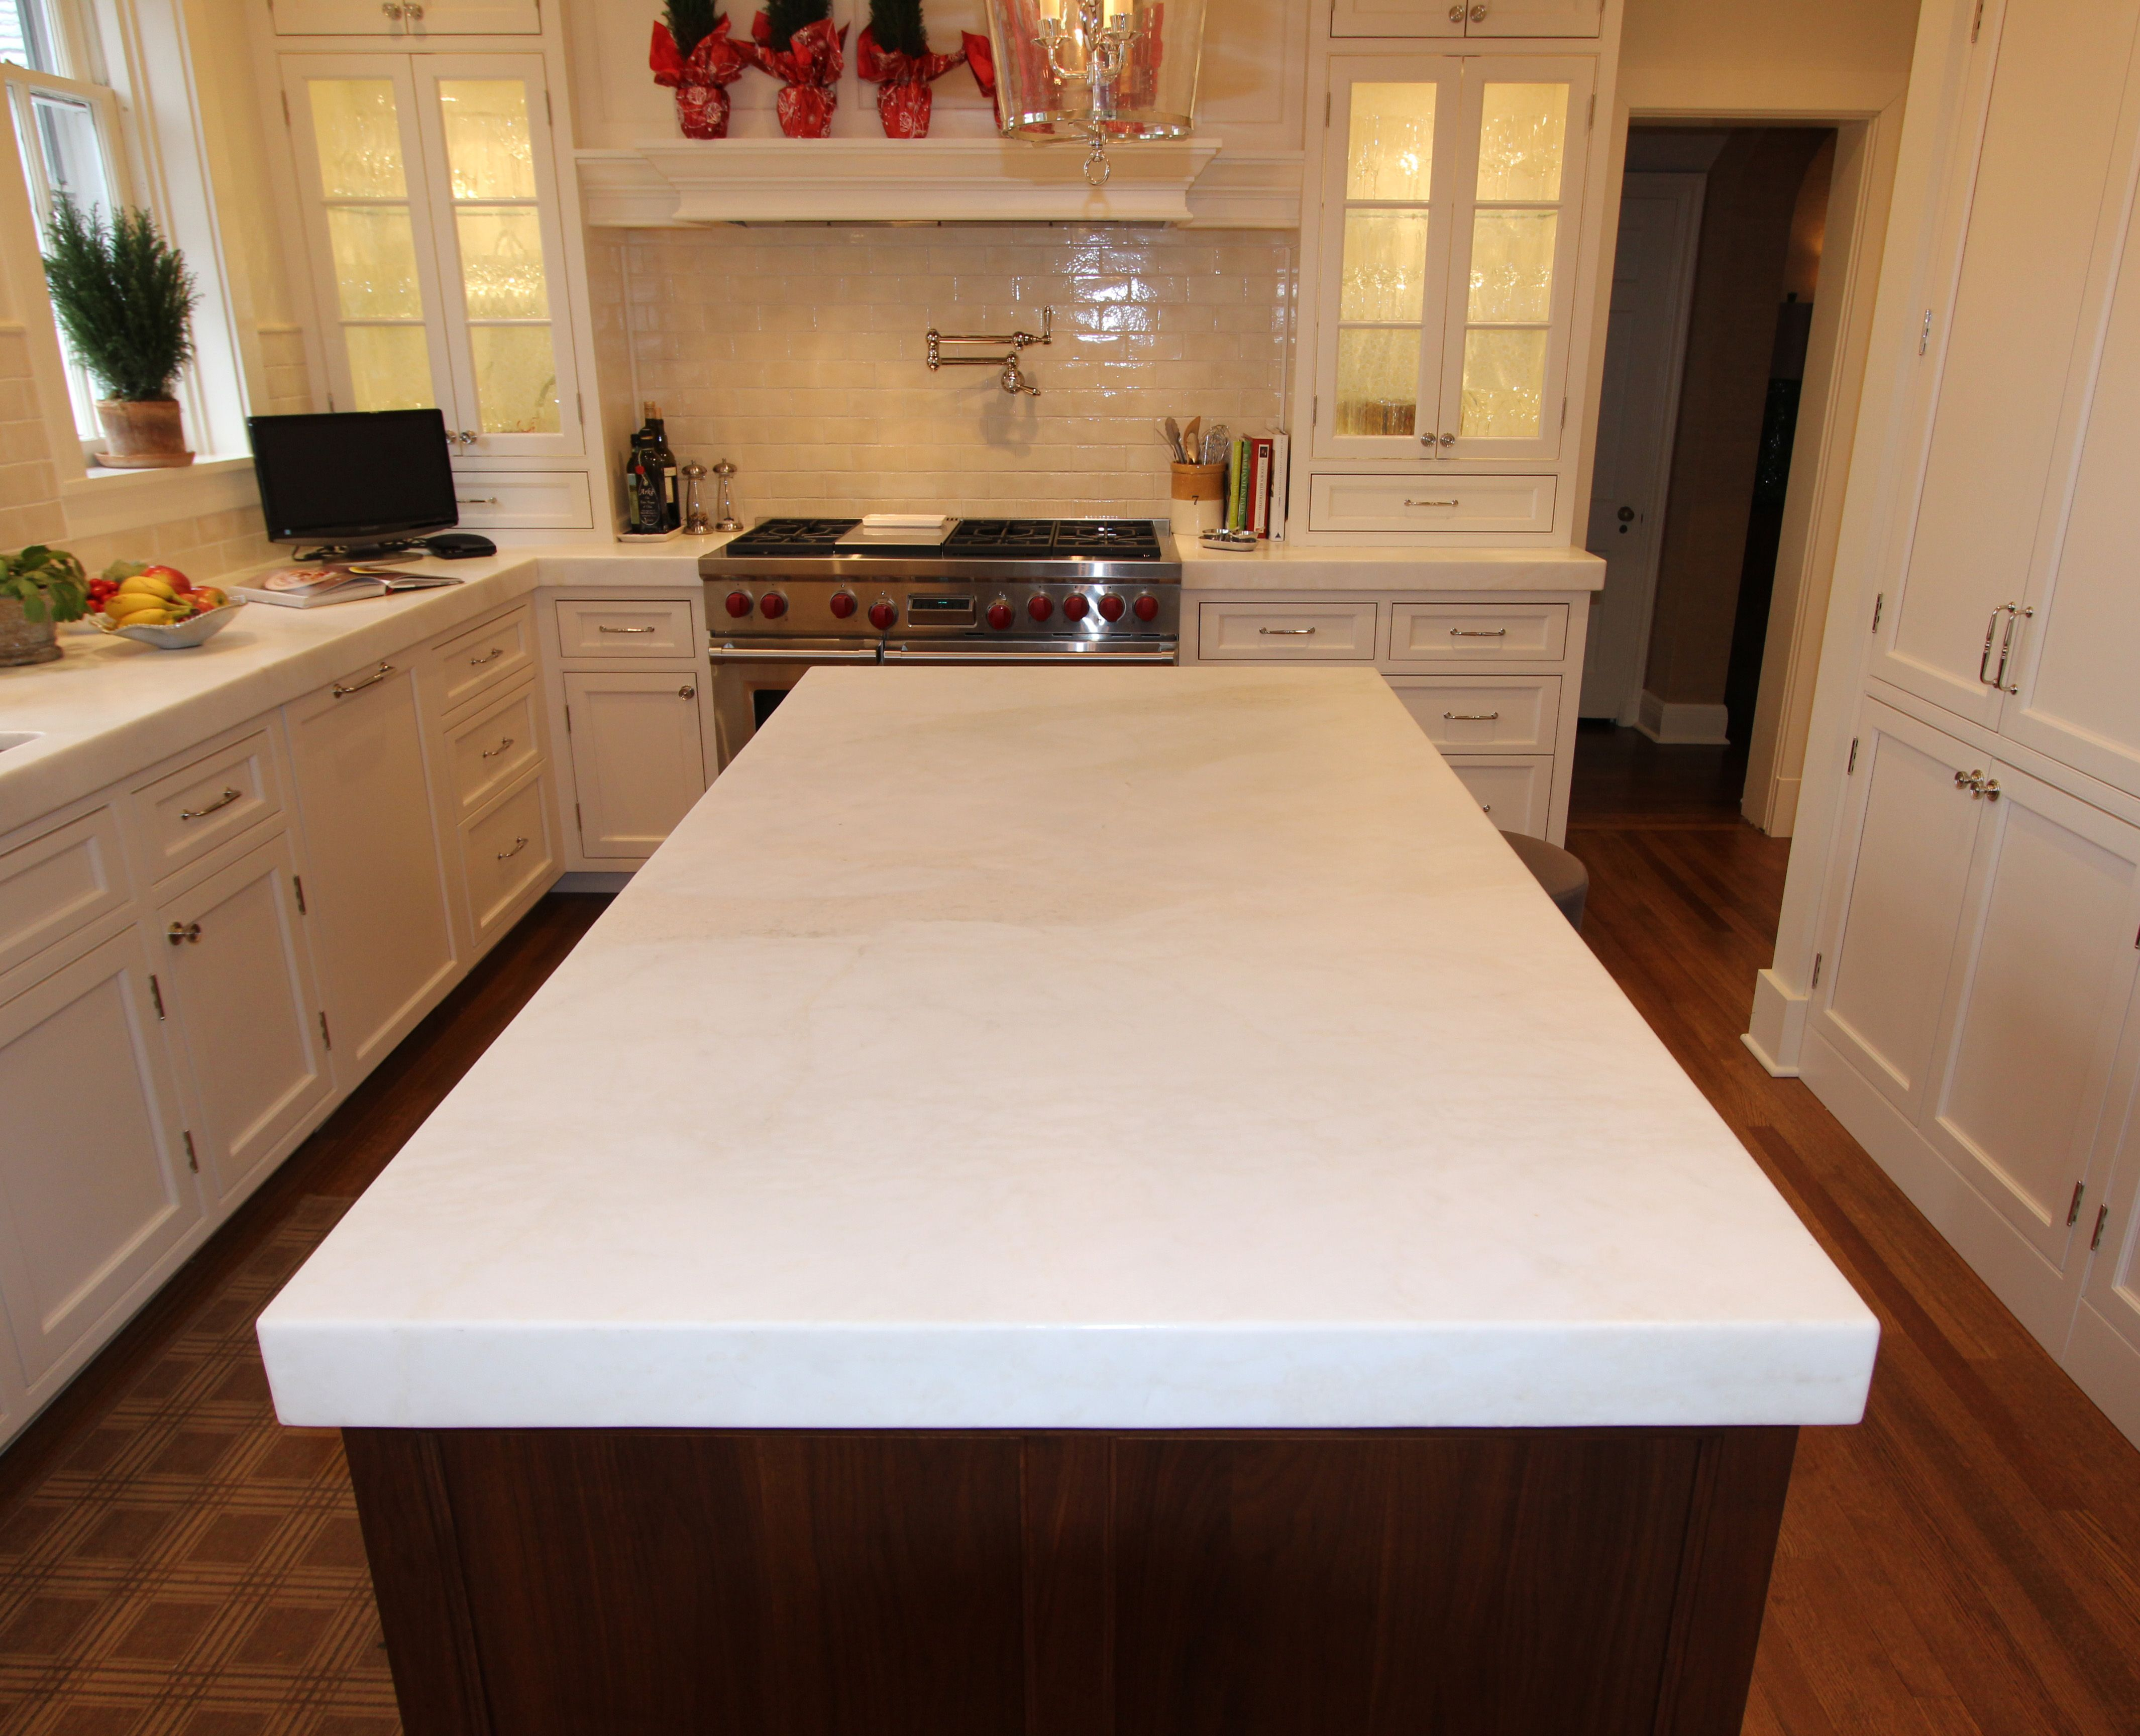 Pure White Granite Island Countertop